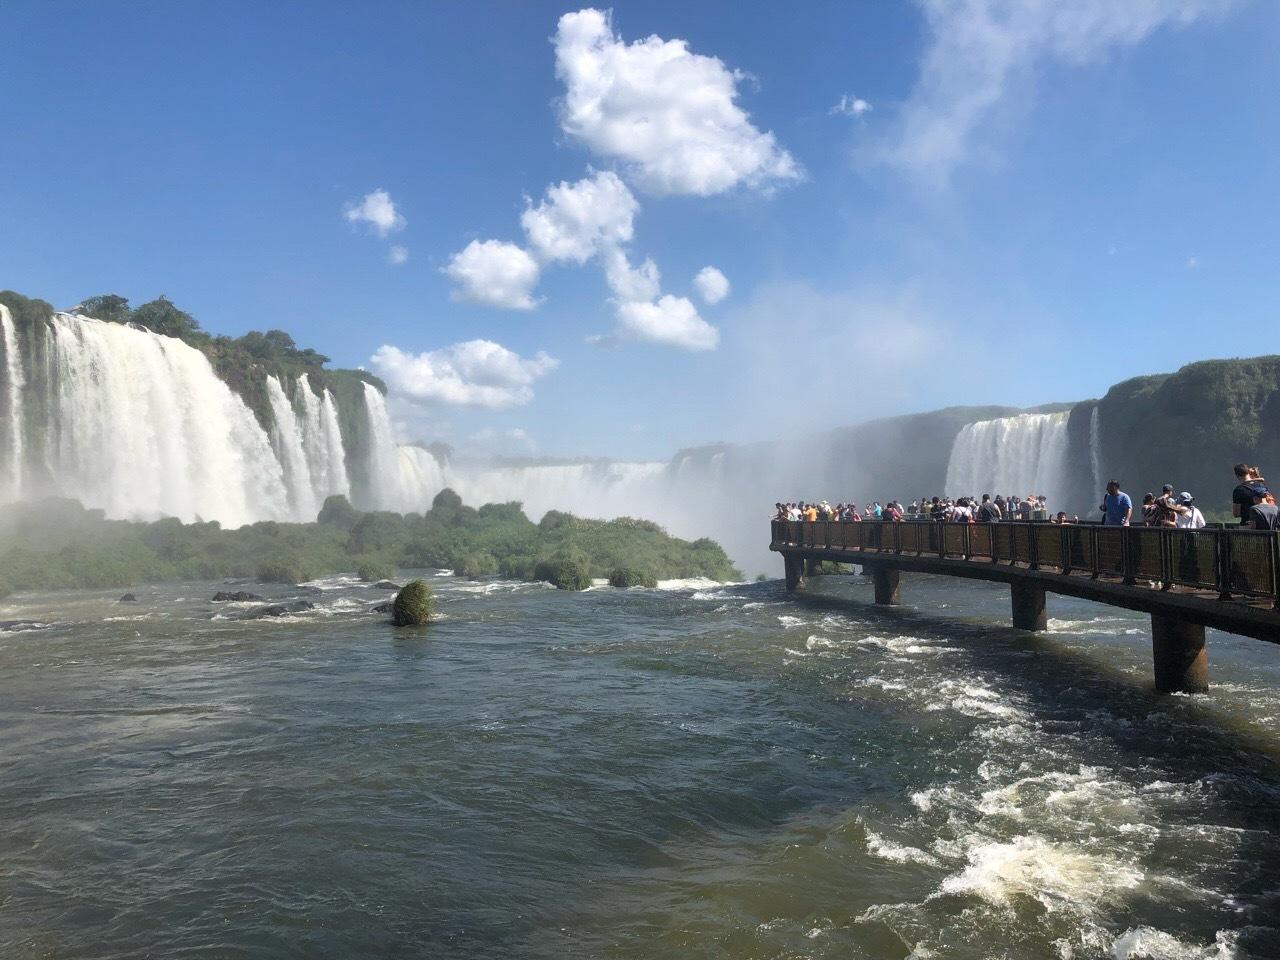 中南米の旅/59 フロリアーノ滝でびしょ濡れ!@イグアス_a0092659_19060679.jpg